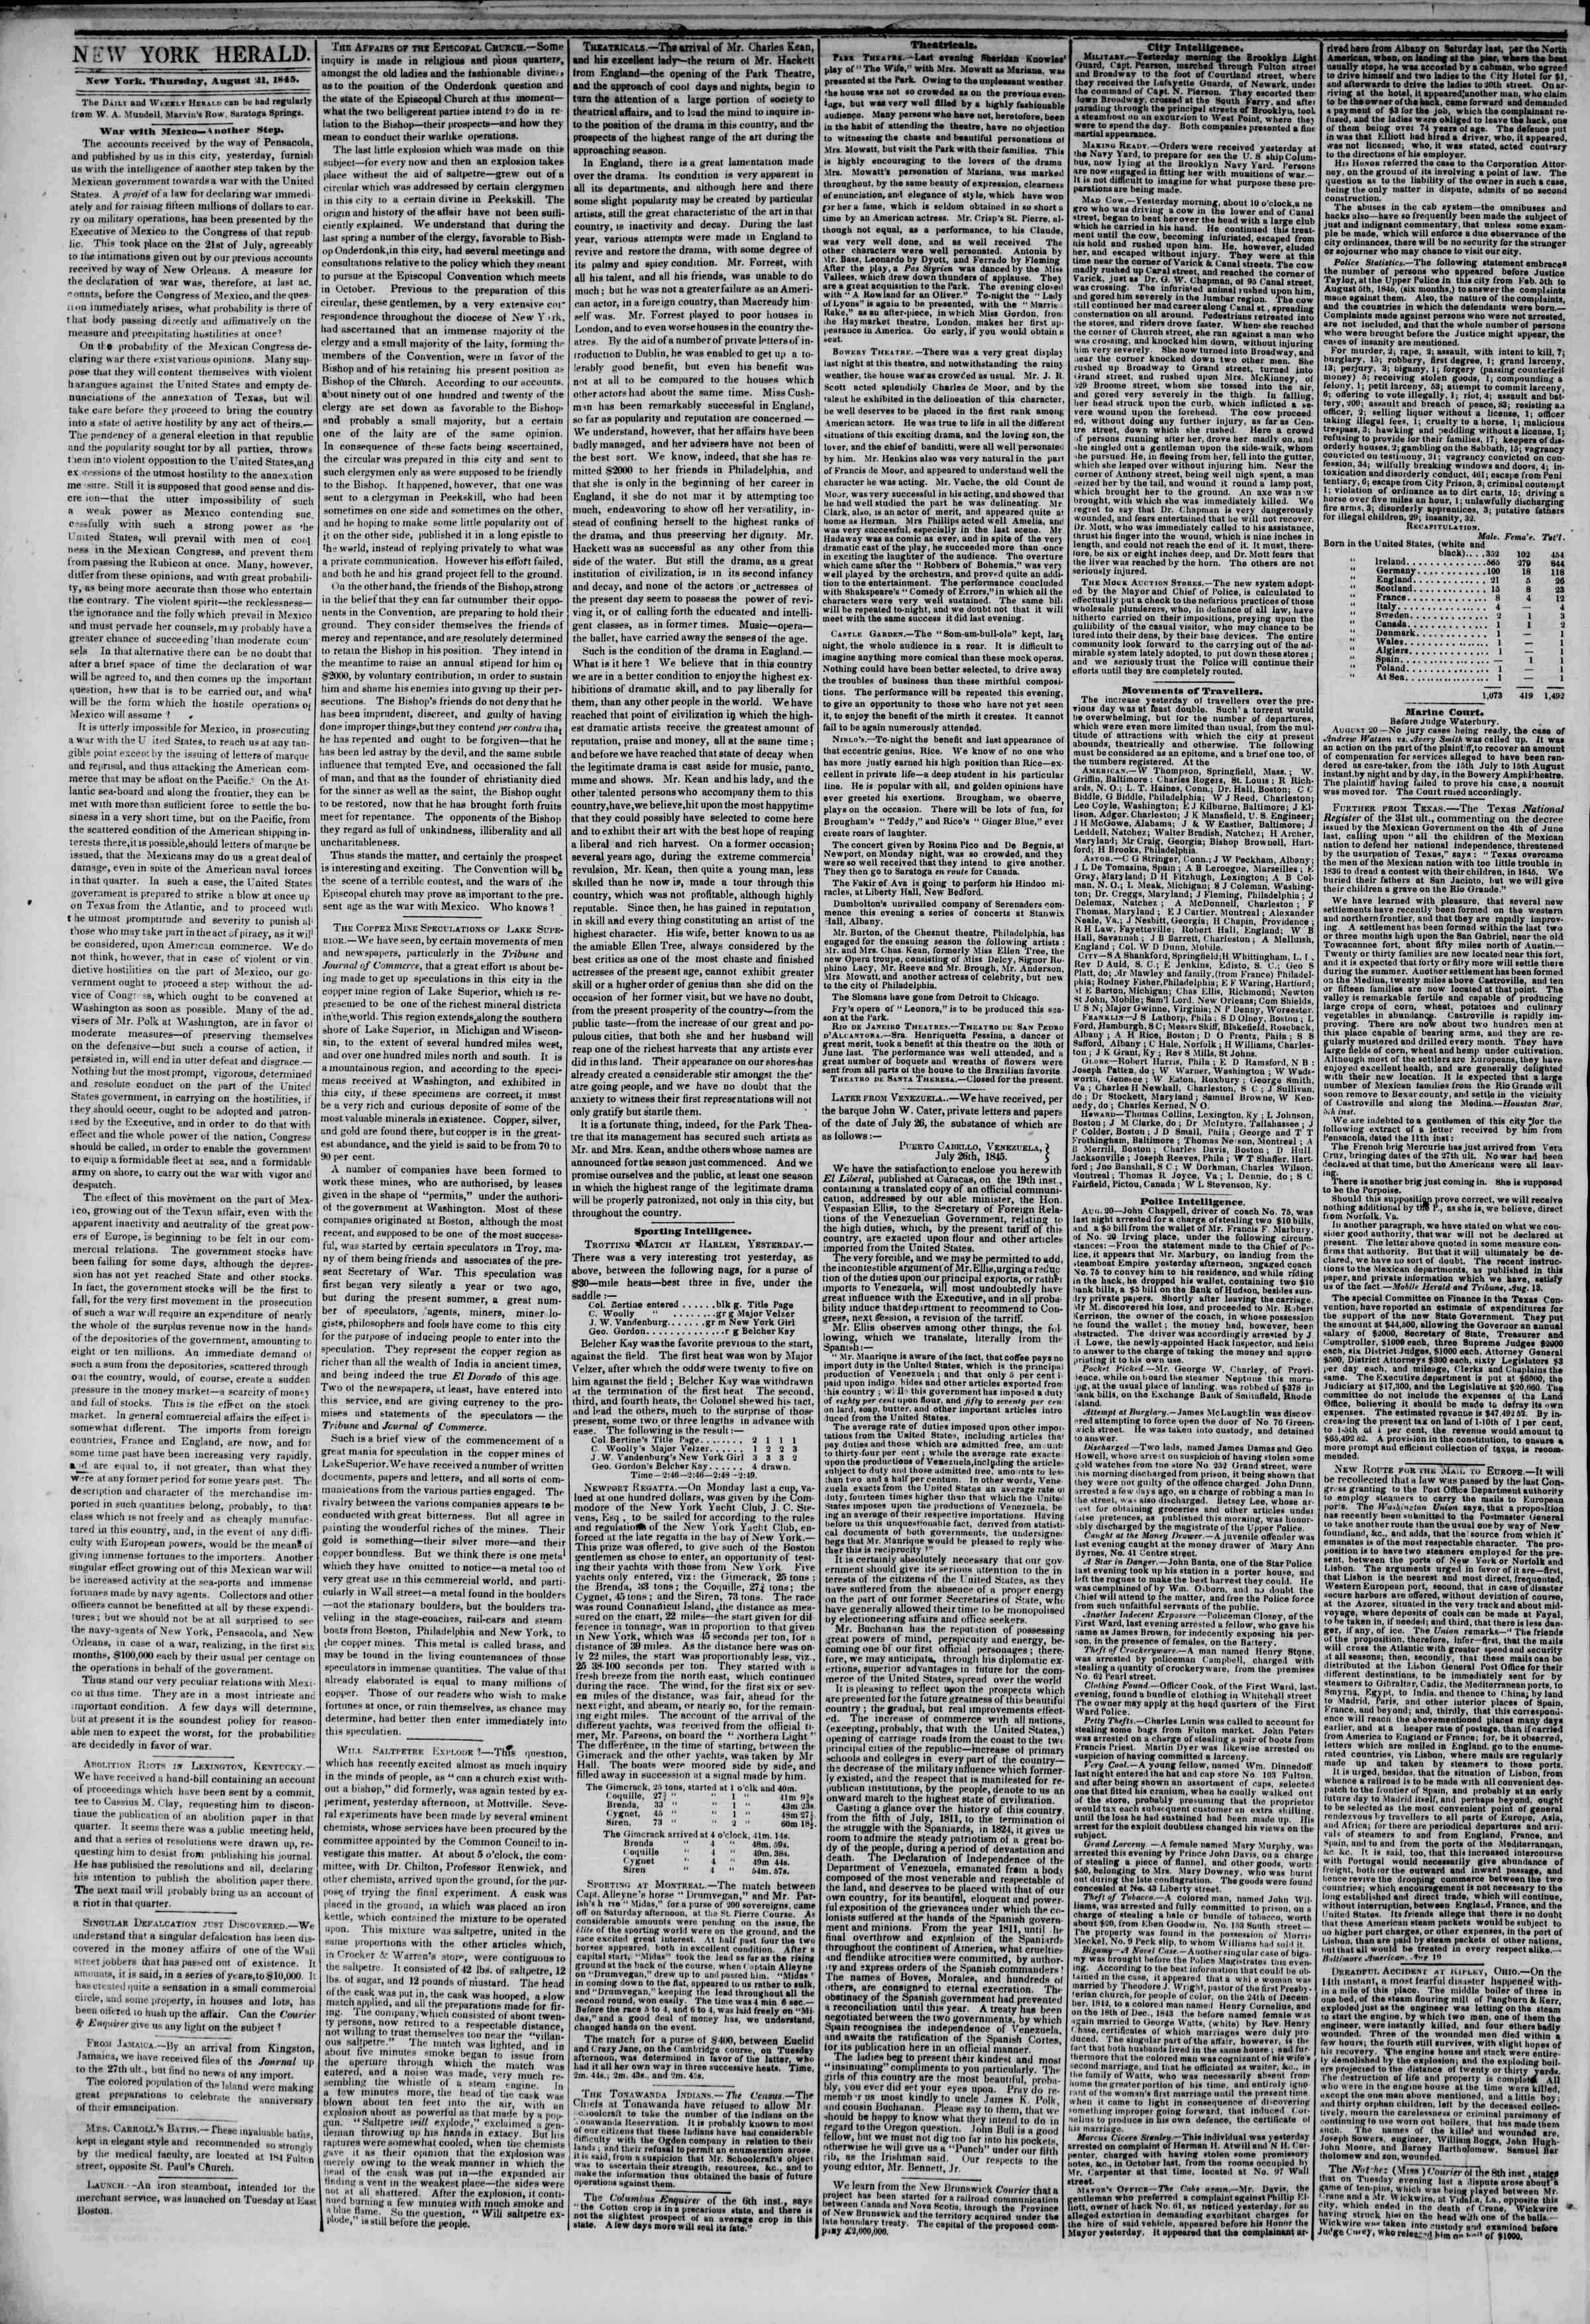 21 Ağustos 1845 Tarihli The New York Herald Gazetesi Sayfa 2